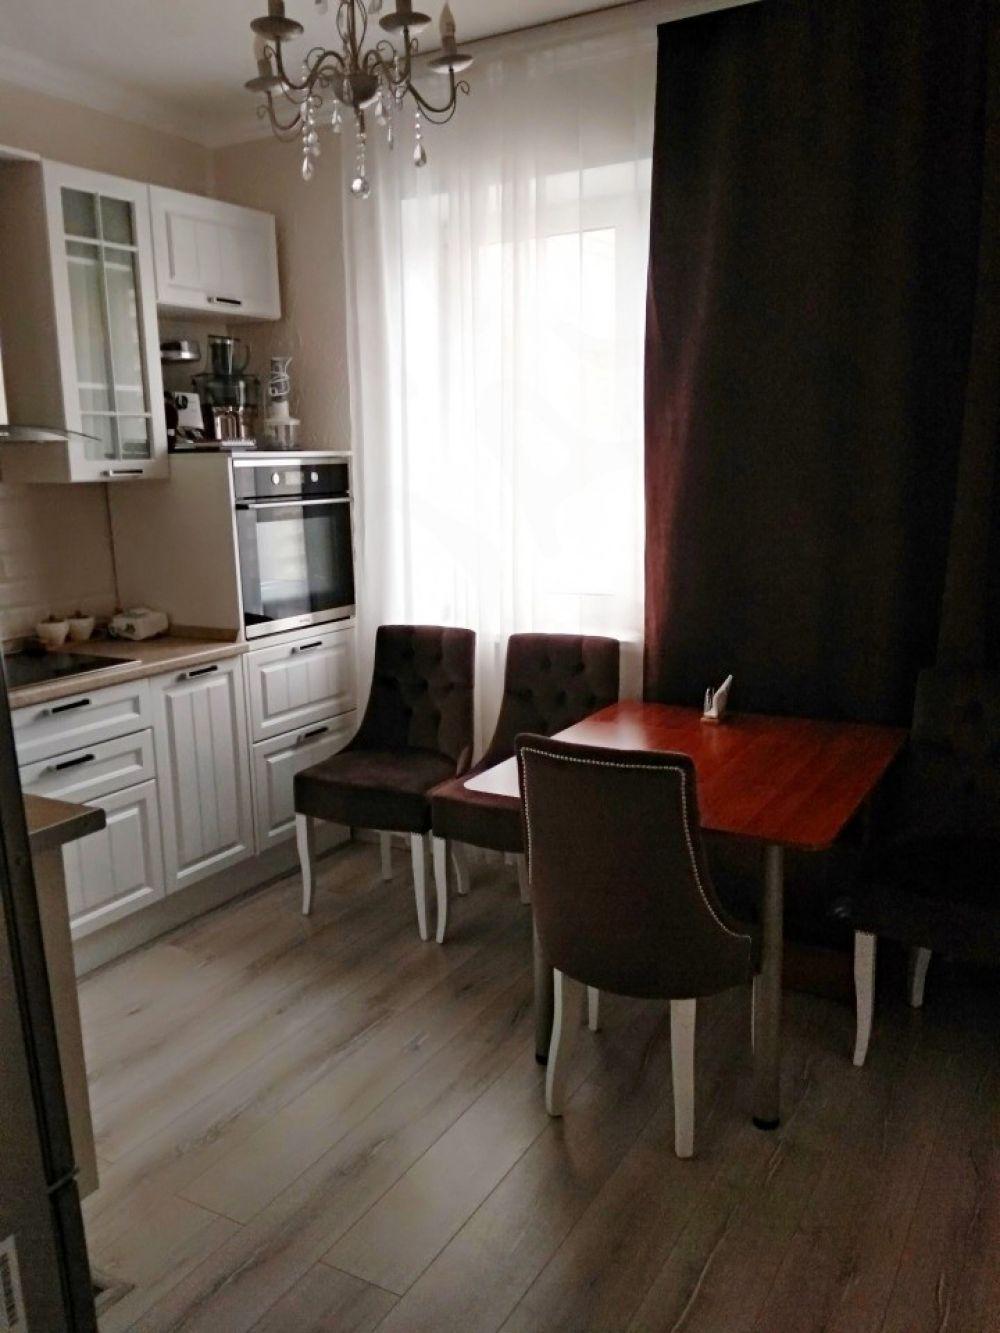 1-к квартира, Щёлково, Богородский, 19, фото 7